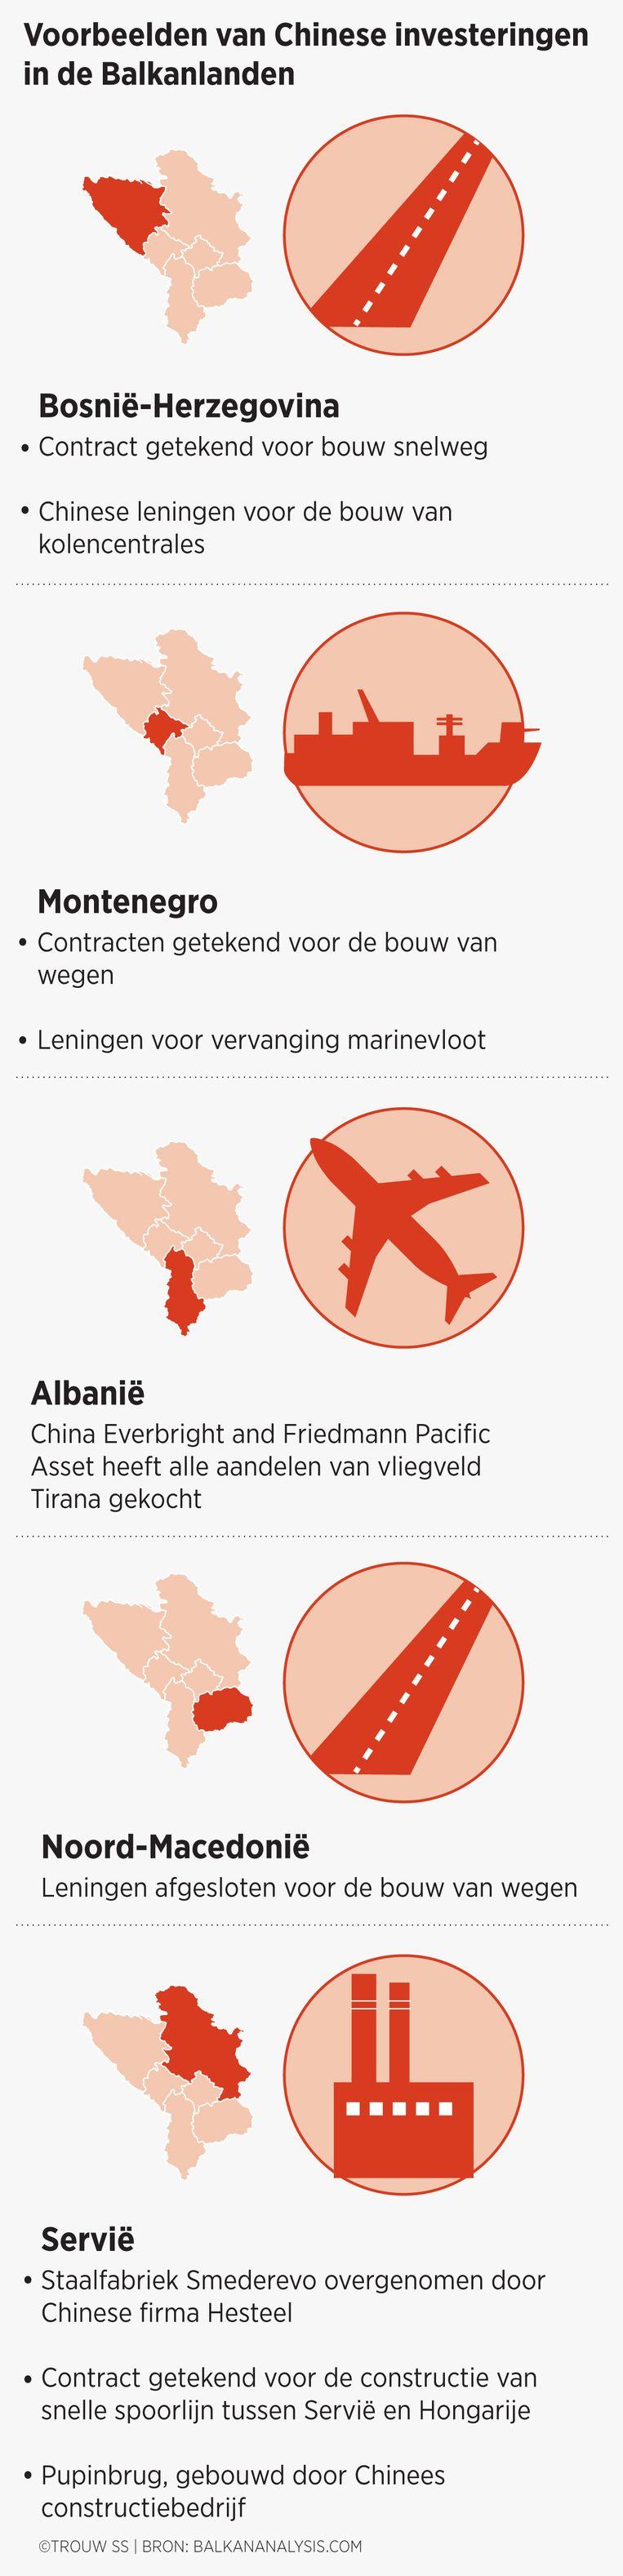 Voorbeelden van Chinese investeringen in de Balkanlanden. Beeld Sander Soewargana